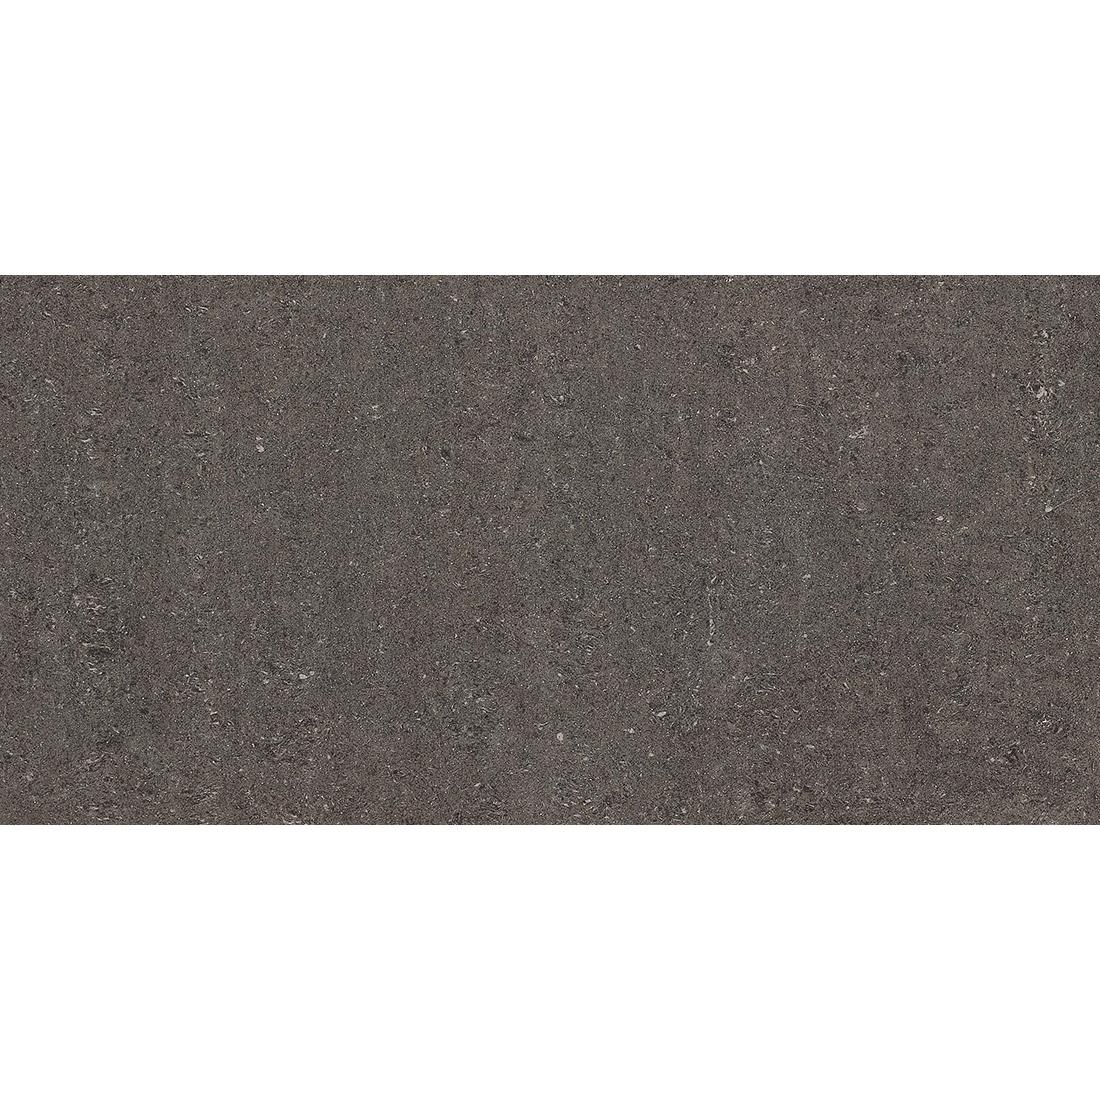 Crystal 30x60 Dark Grey Polished 1